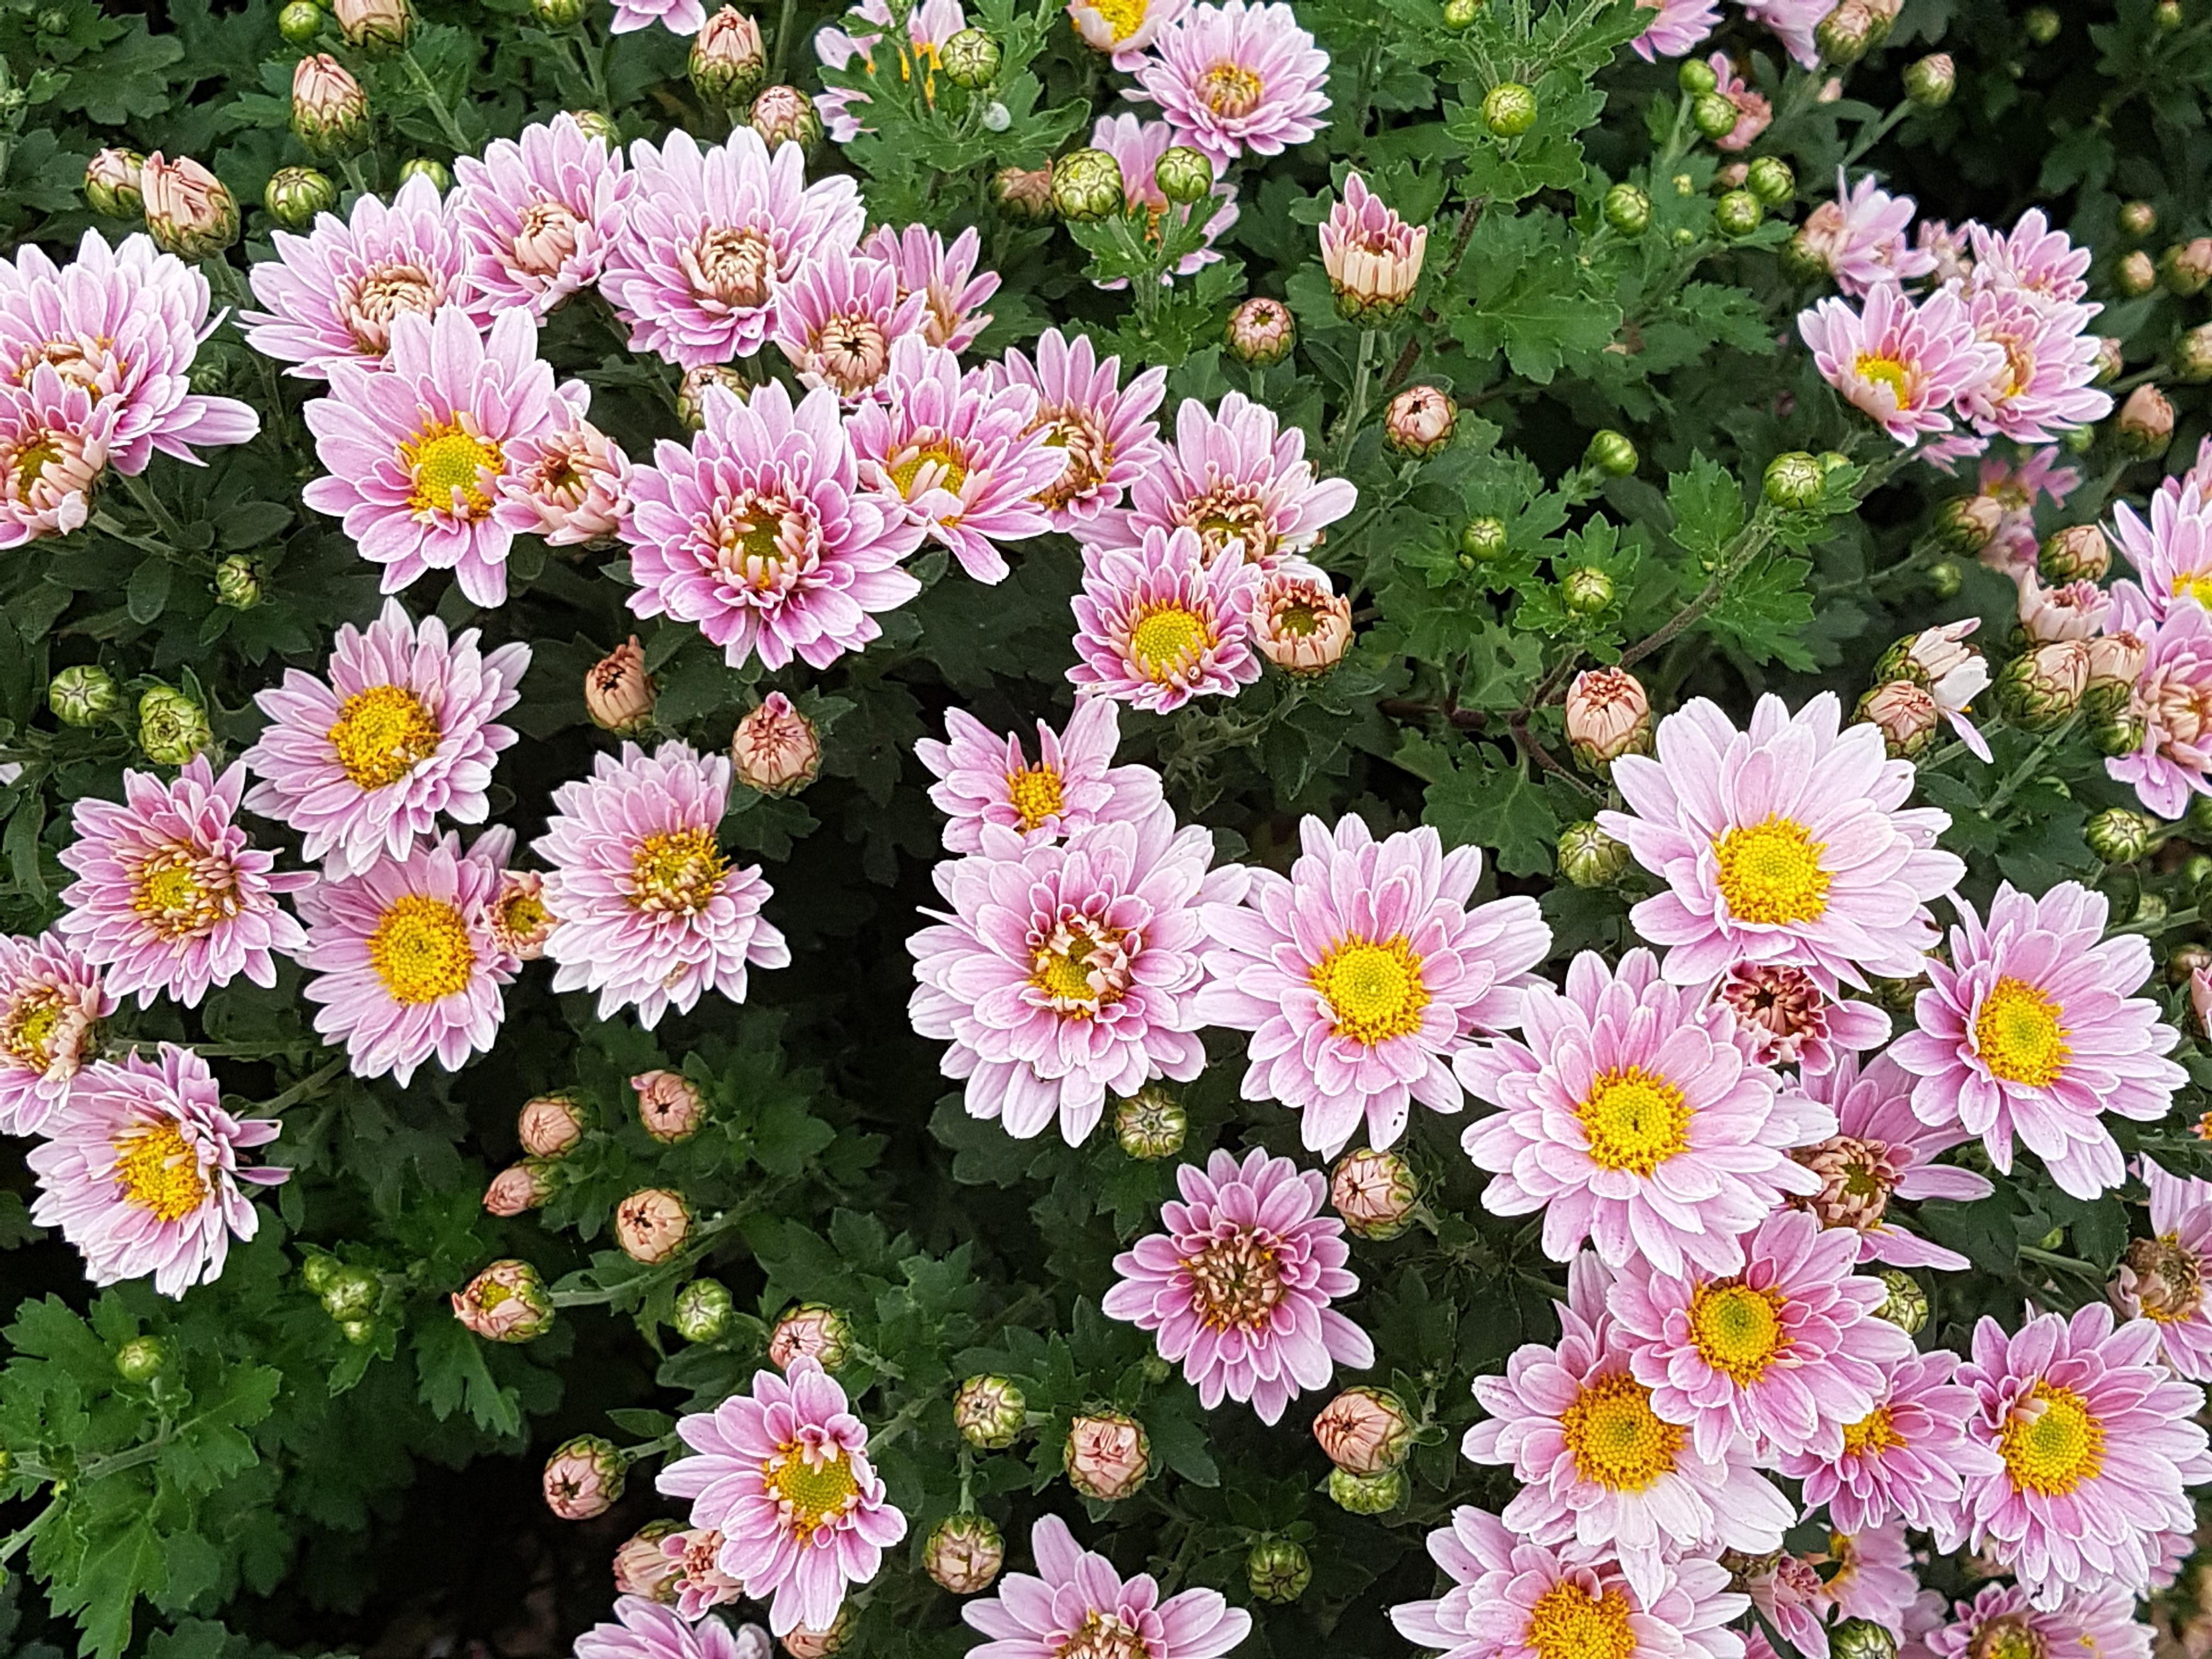 Gambar Menanam Bunga Aster Musim Gugur Botani Flora Bunga